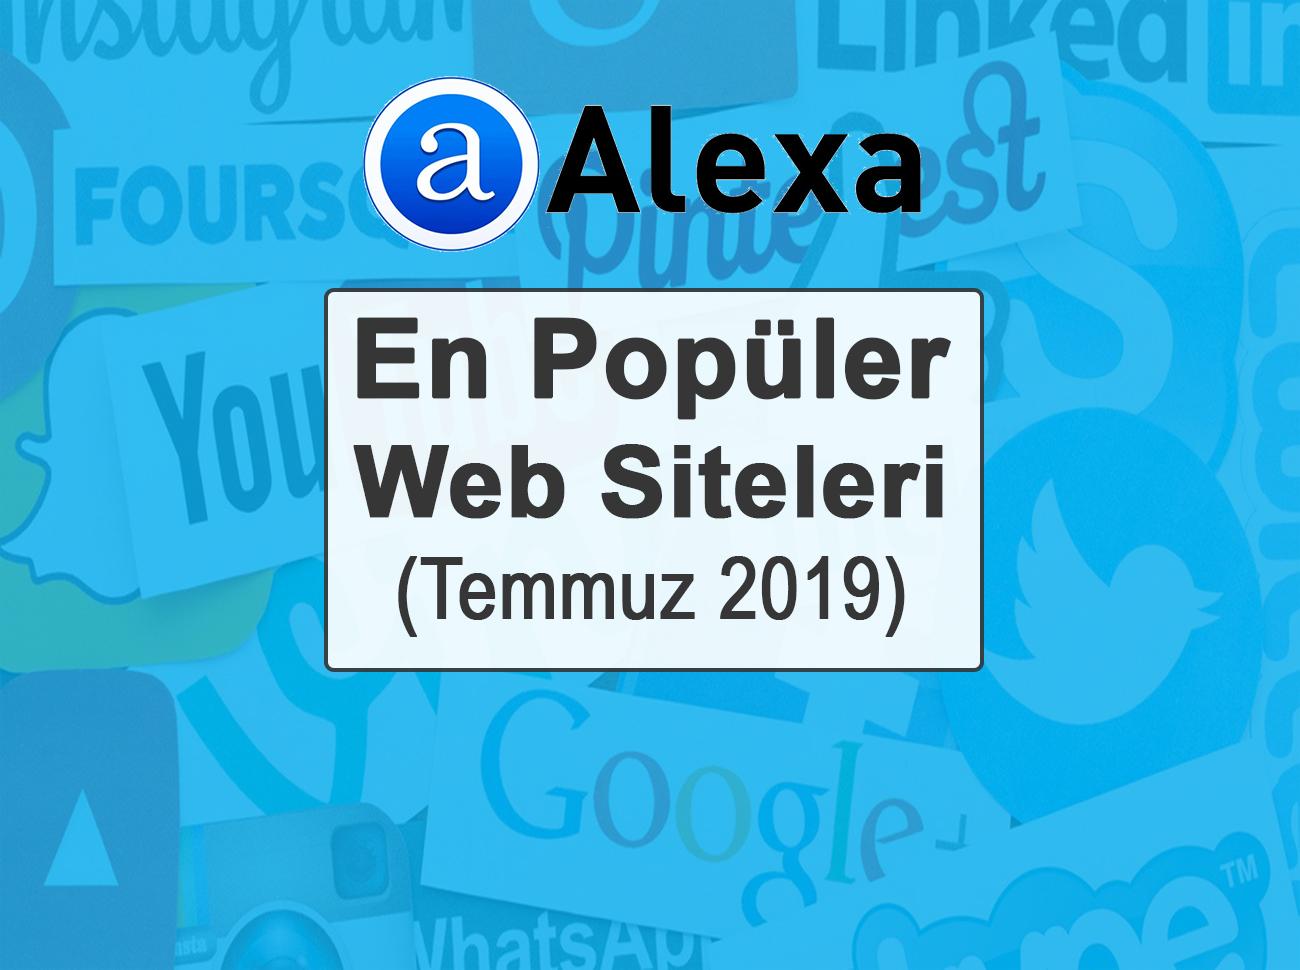 En Popüler Web Siteleri (Temmuz 2019)